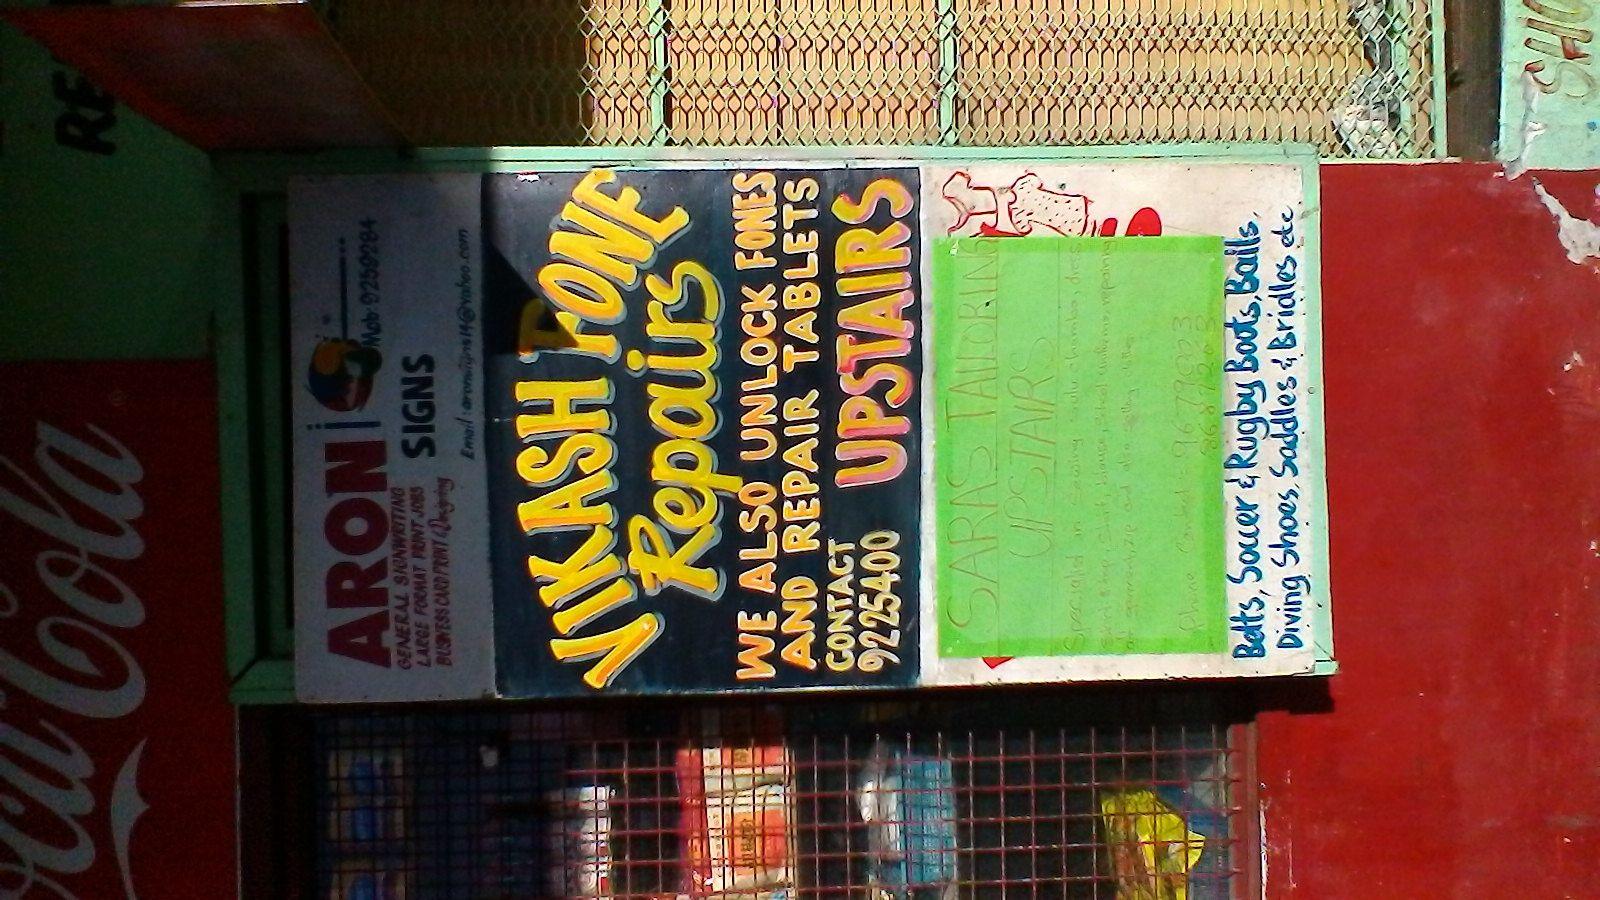 dans les rues de Lautoka : beaucoup de commerçants d'origine indienne